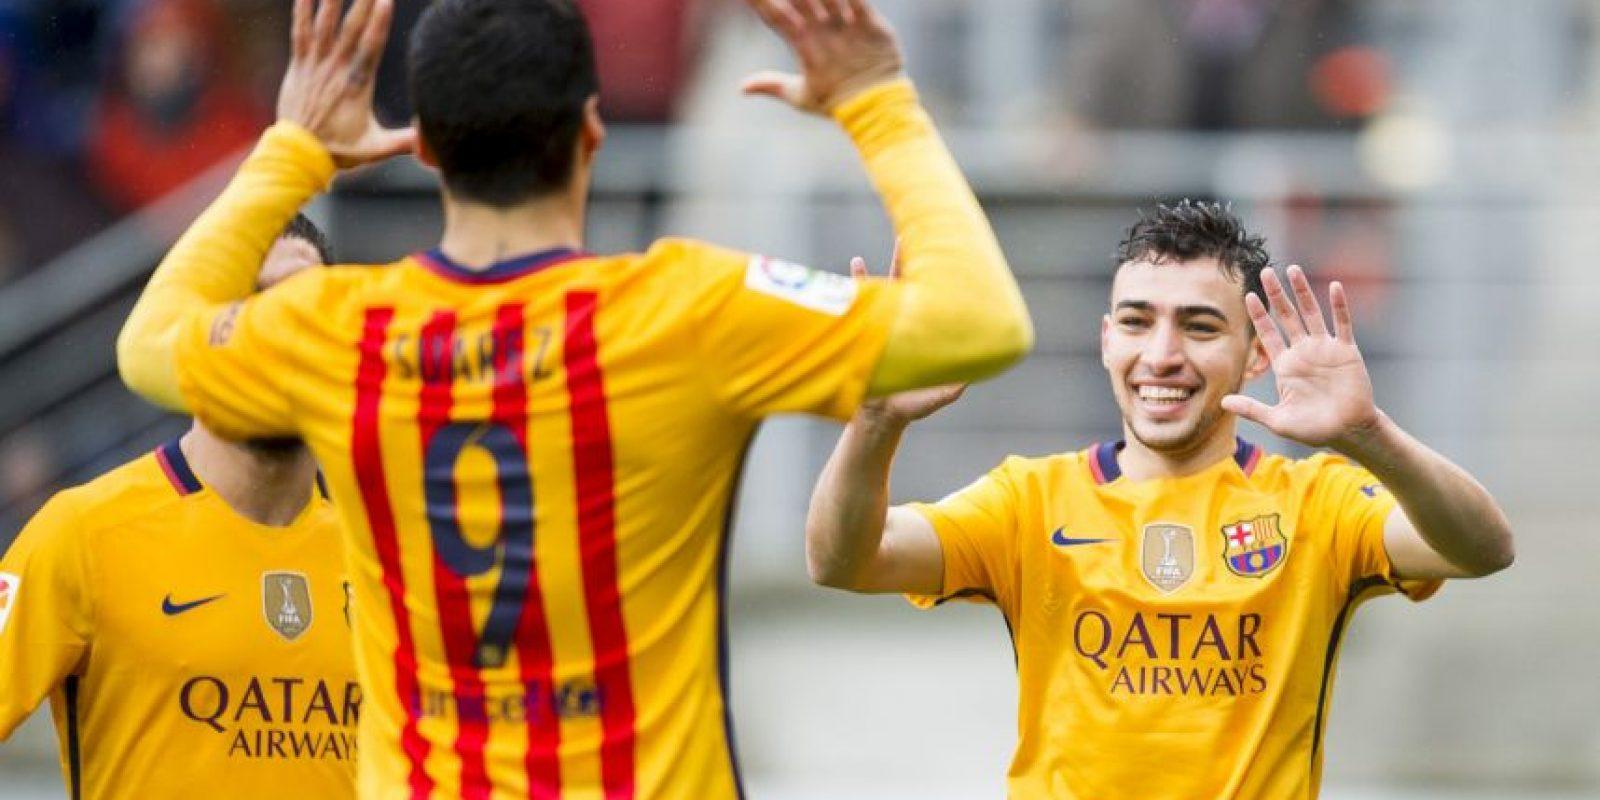 El delantero de 20 años tendrá una cláusula de rescisión de 60 millones de euros Foto:Getty Images